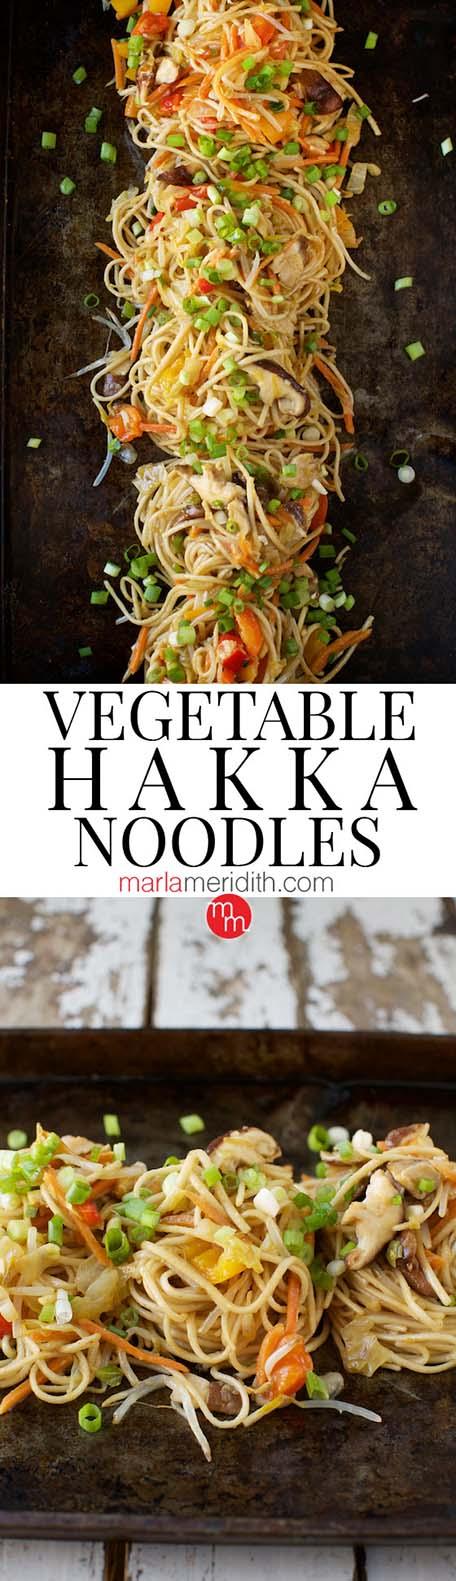 Vegetable Hakka noodles - a long banner